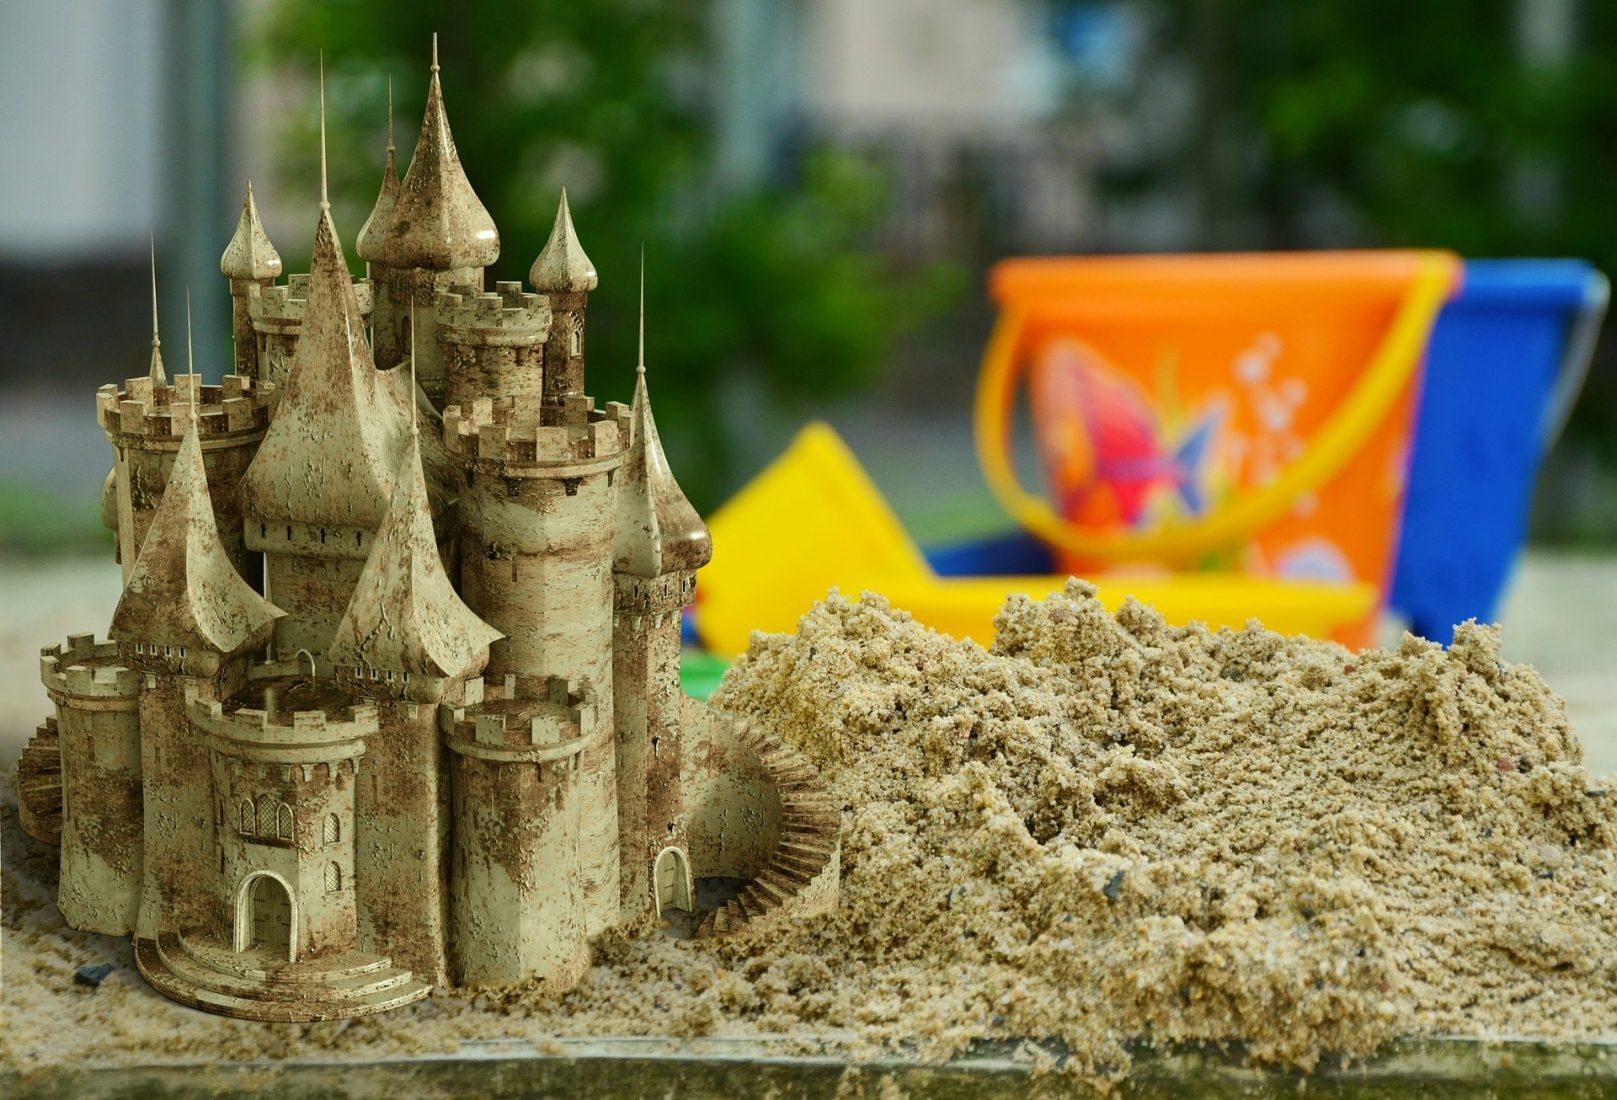 Nicht nur die Sandburg am Strand, sondern auch reale Gebäude enthalten viel Sand. Foto: Pixabay